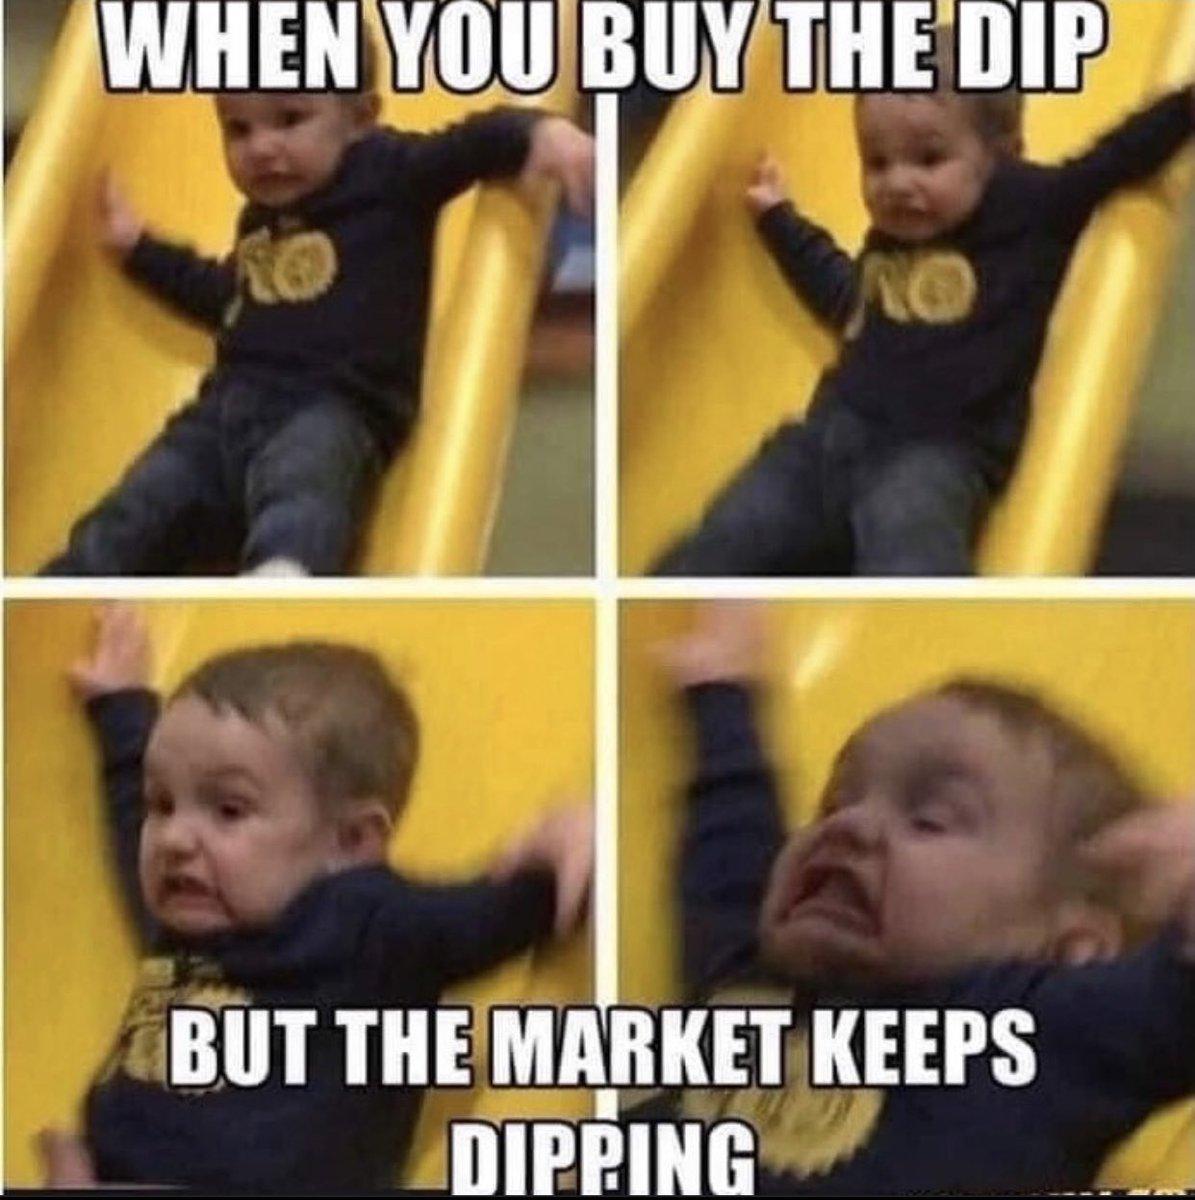 They said #BuyTheDip $NIO $CCIV $NIO $TSLA $NGAC